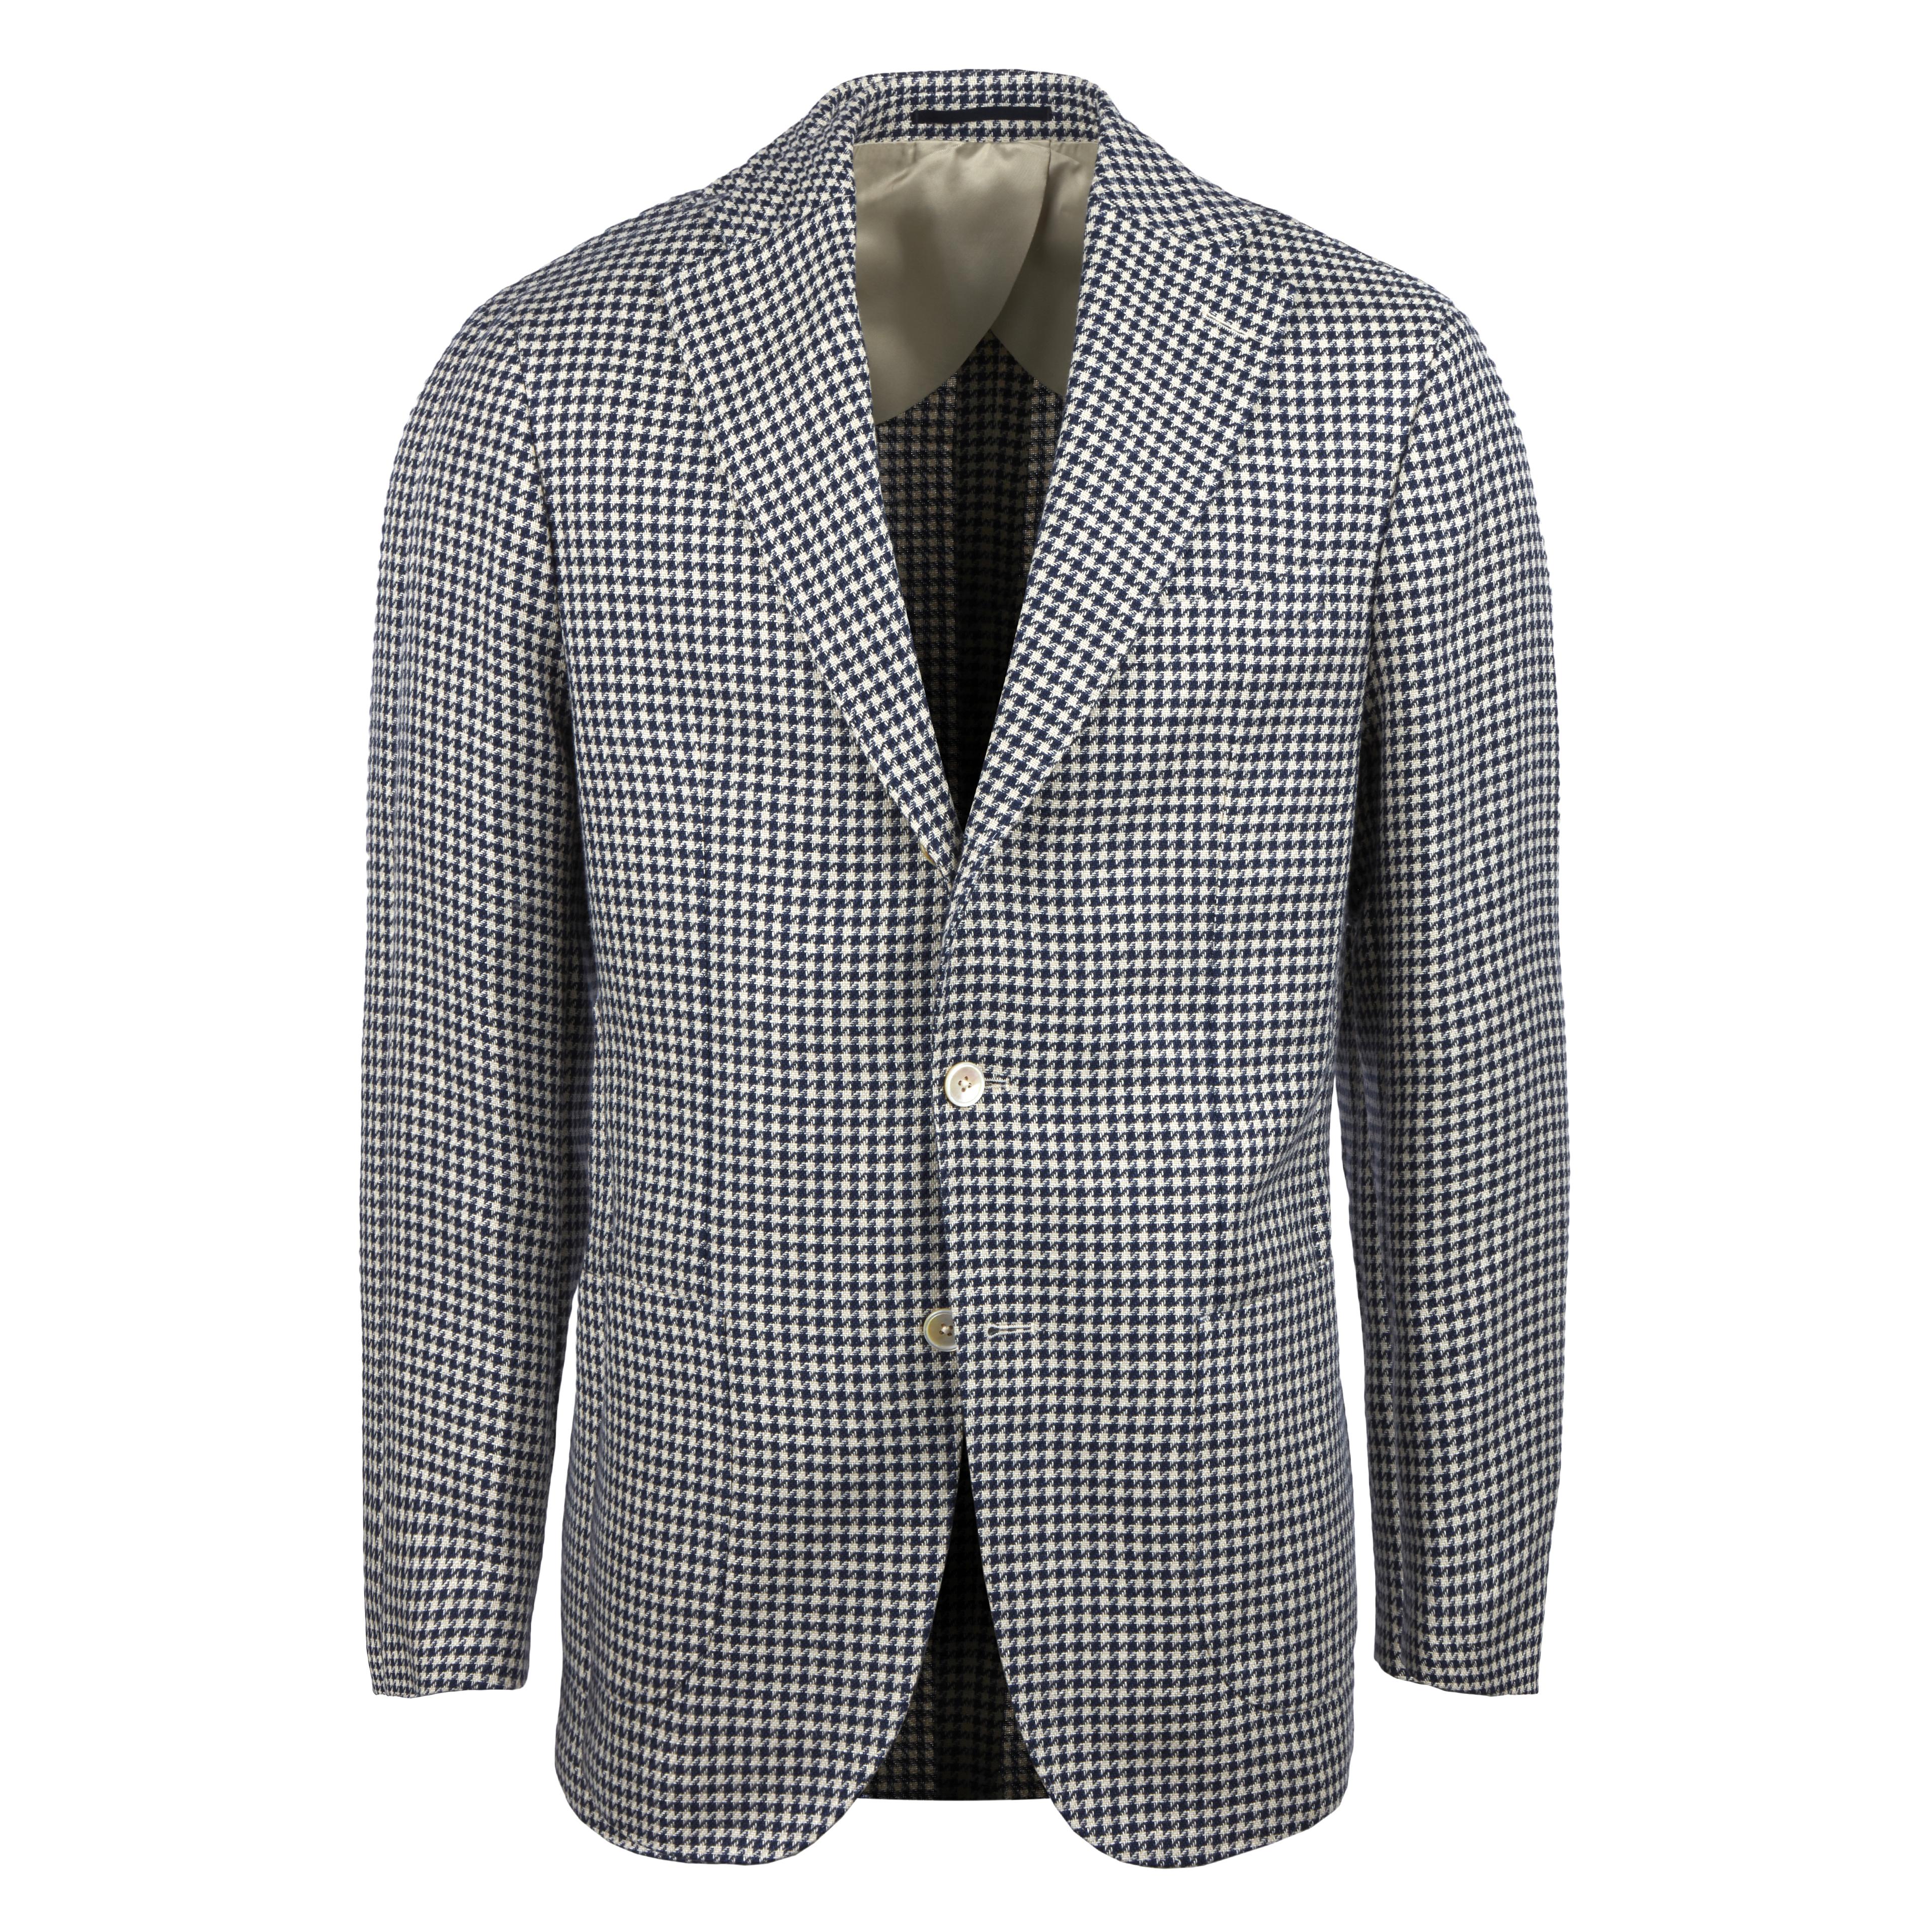 Navy & Beige Houndstooth Cotton Linen Blazer